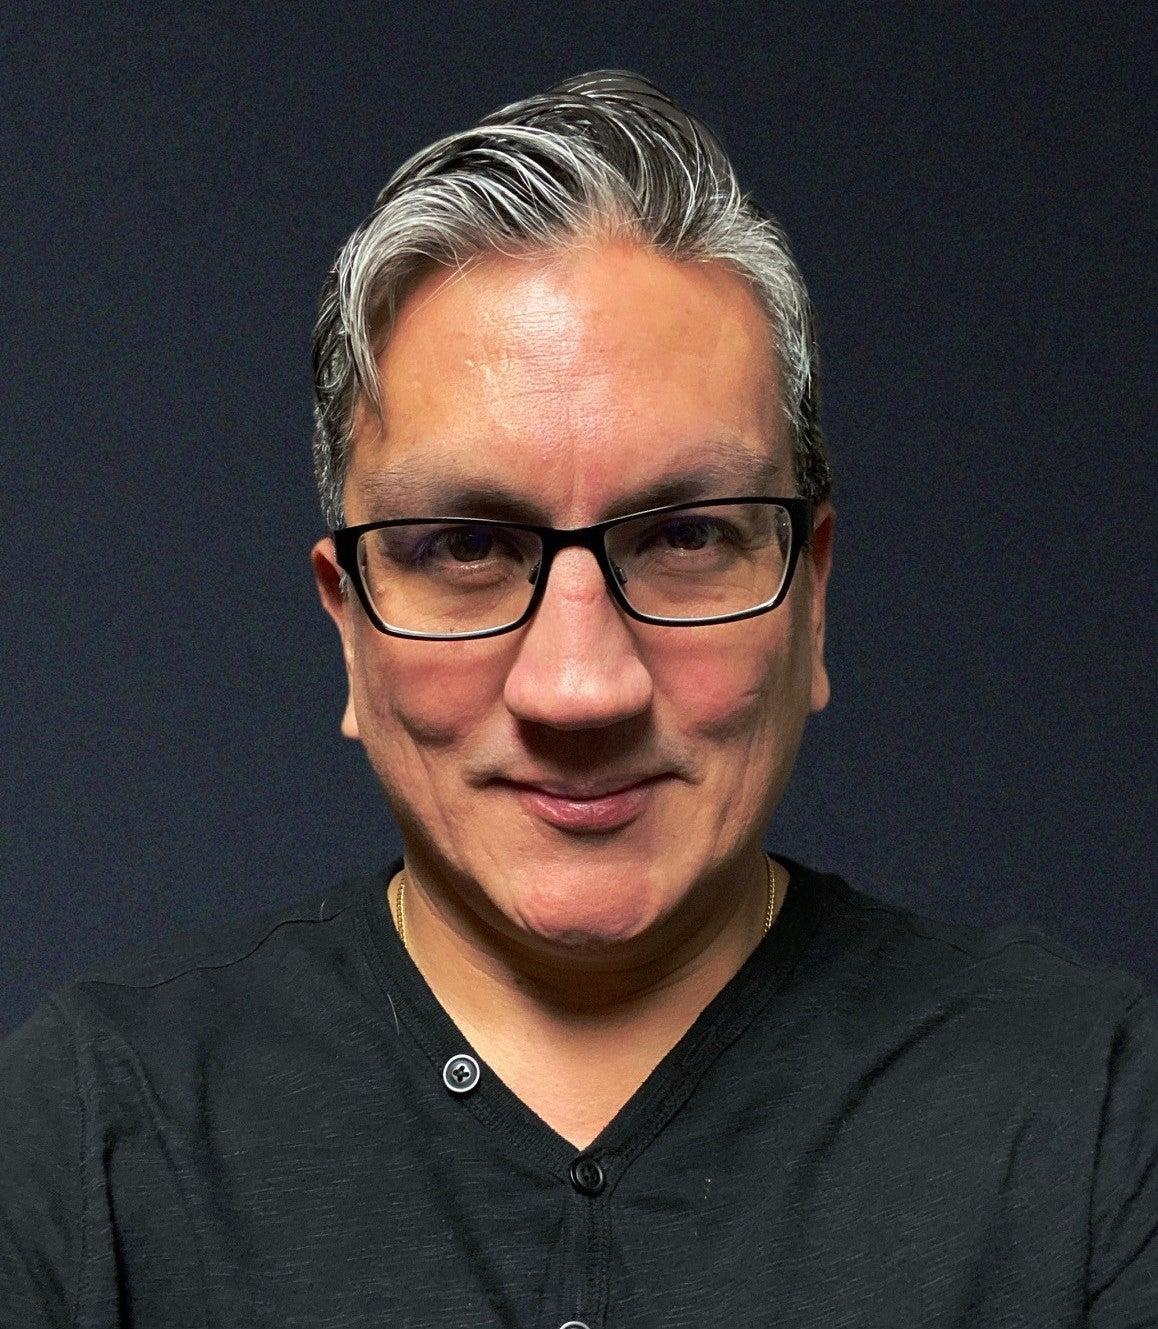 Dr. Marcos X. Sanchez-Plata